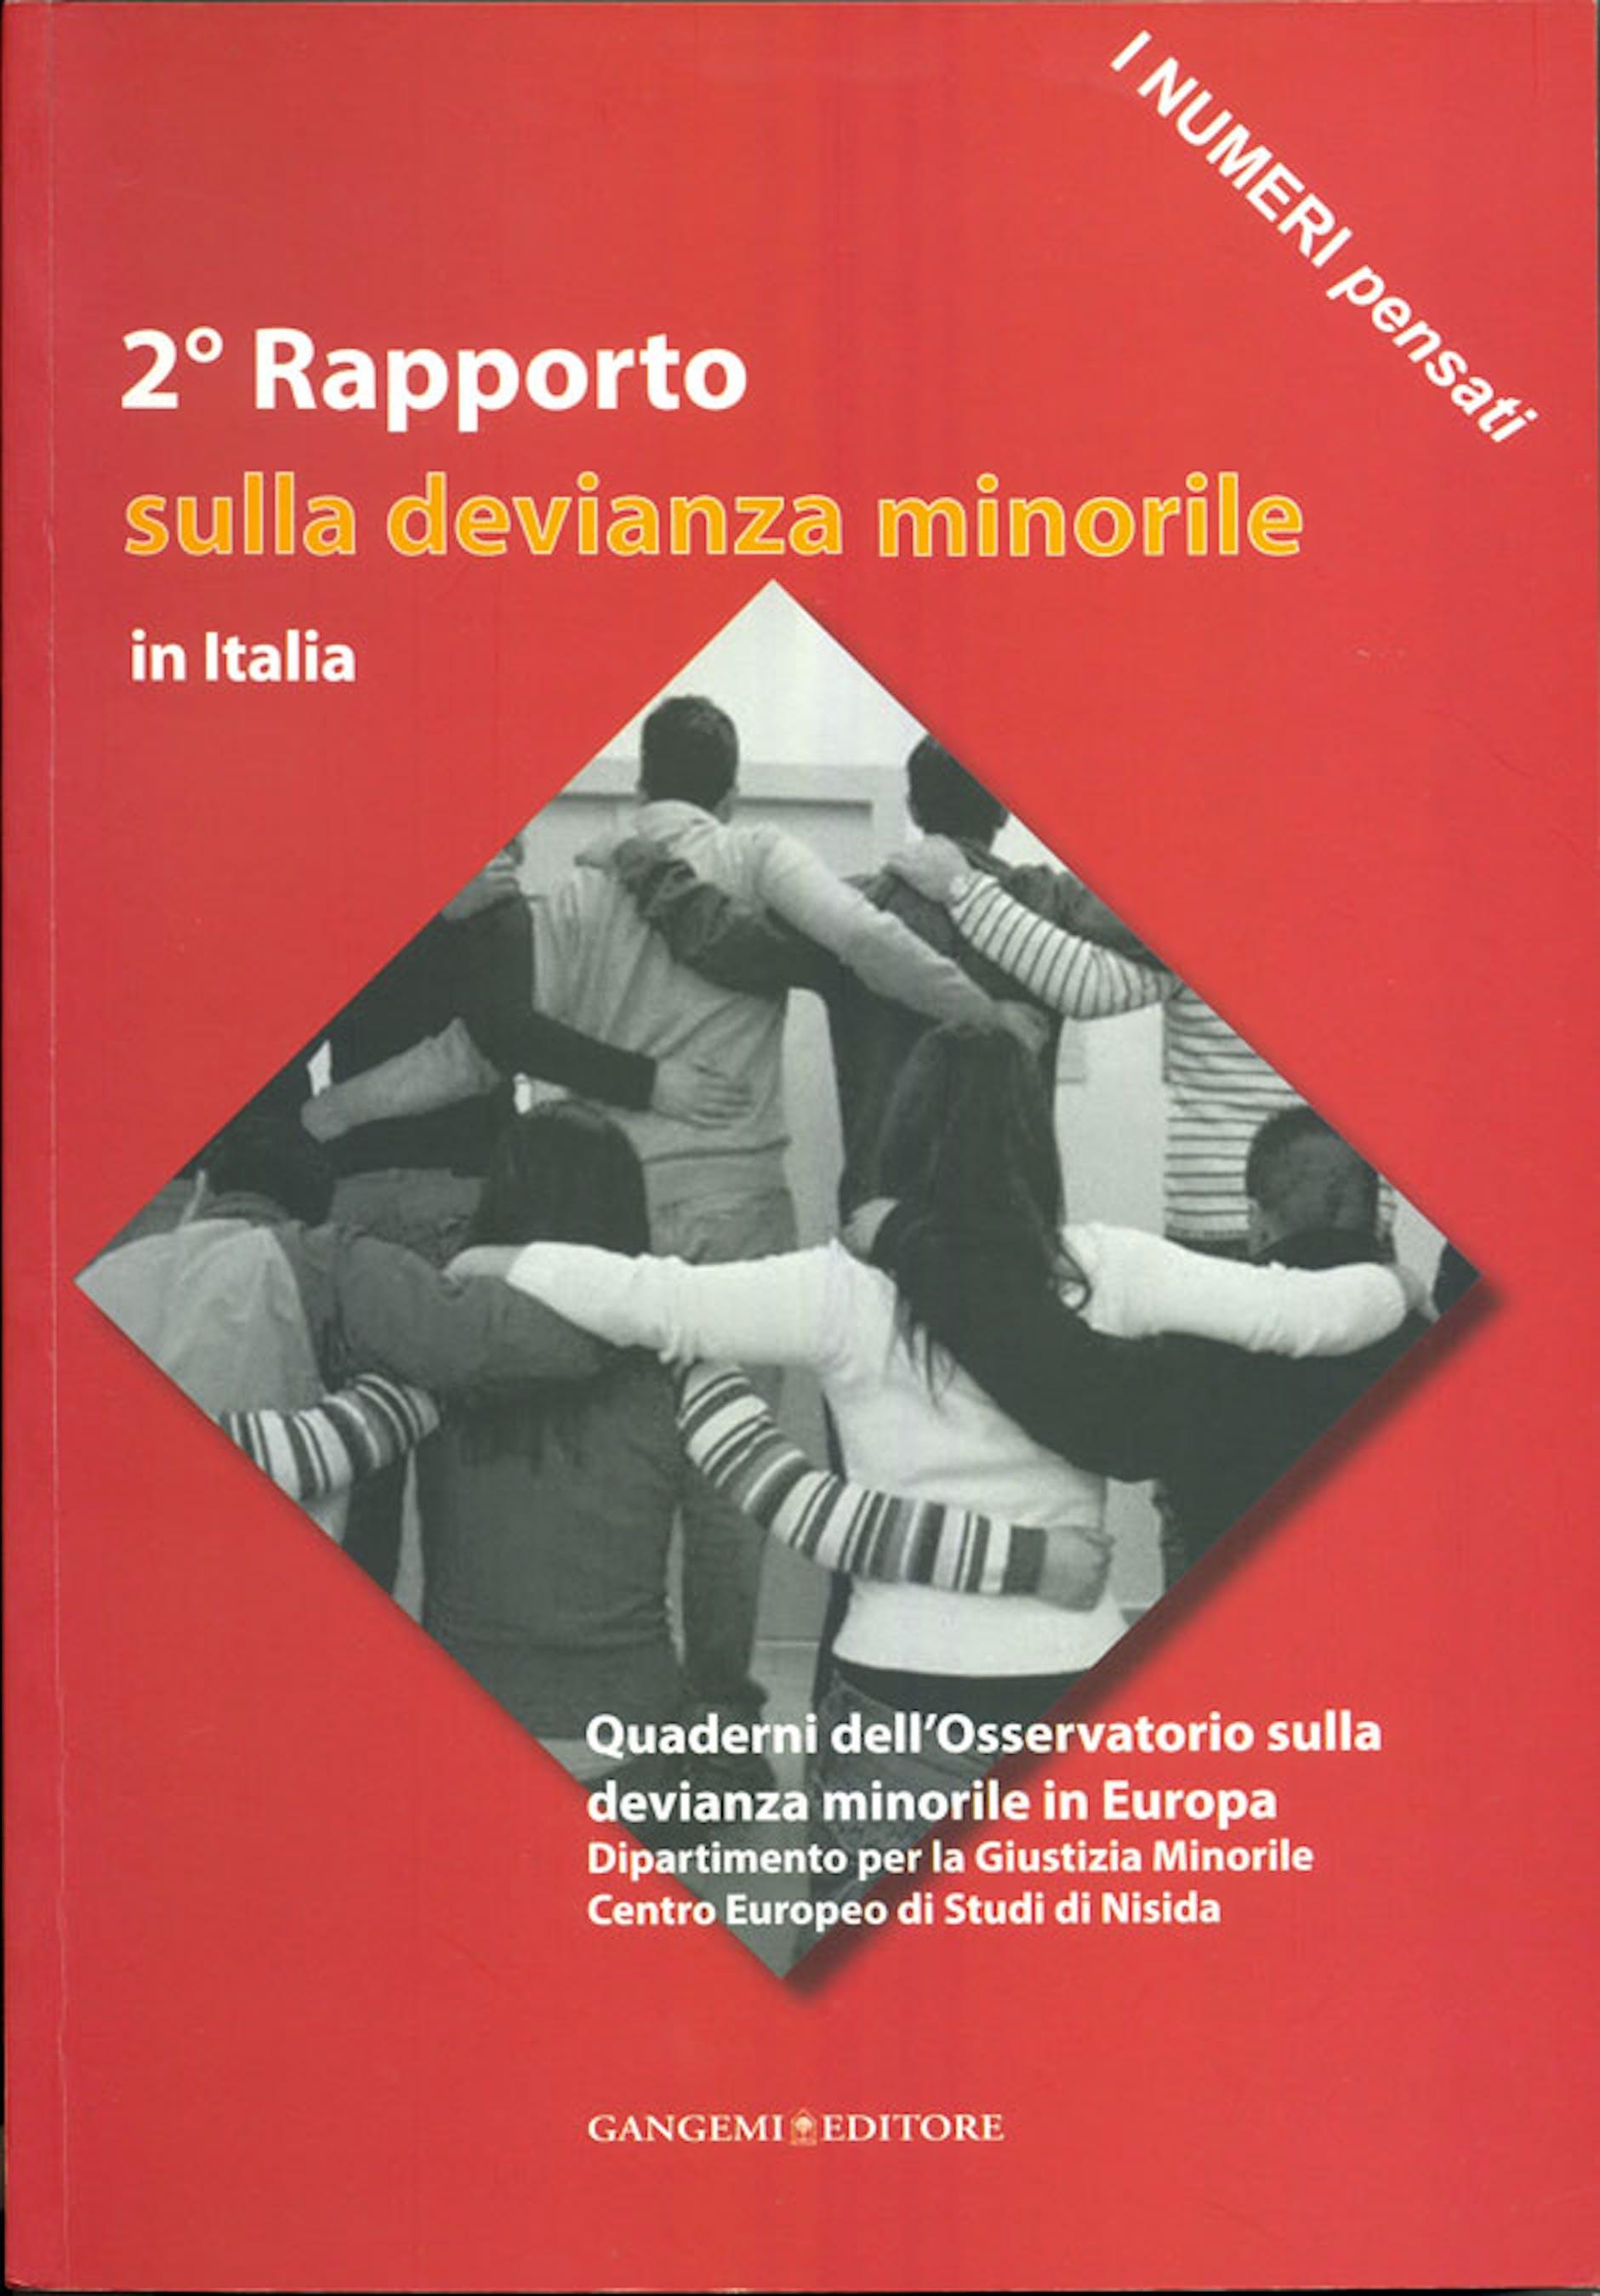 La copertina del rapporto